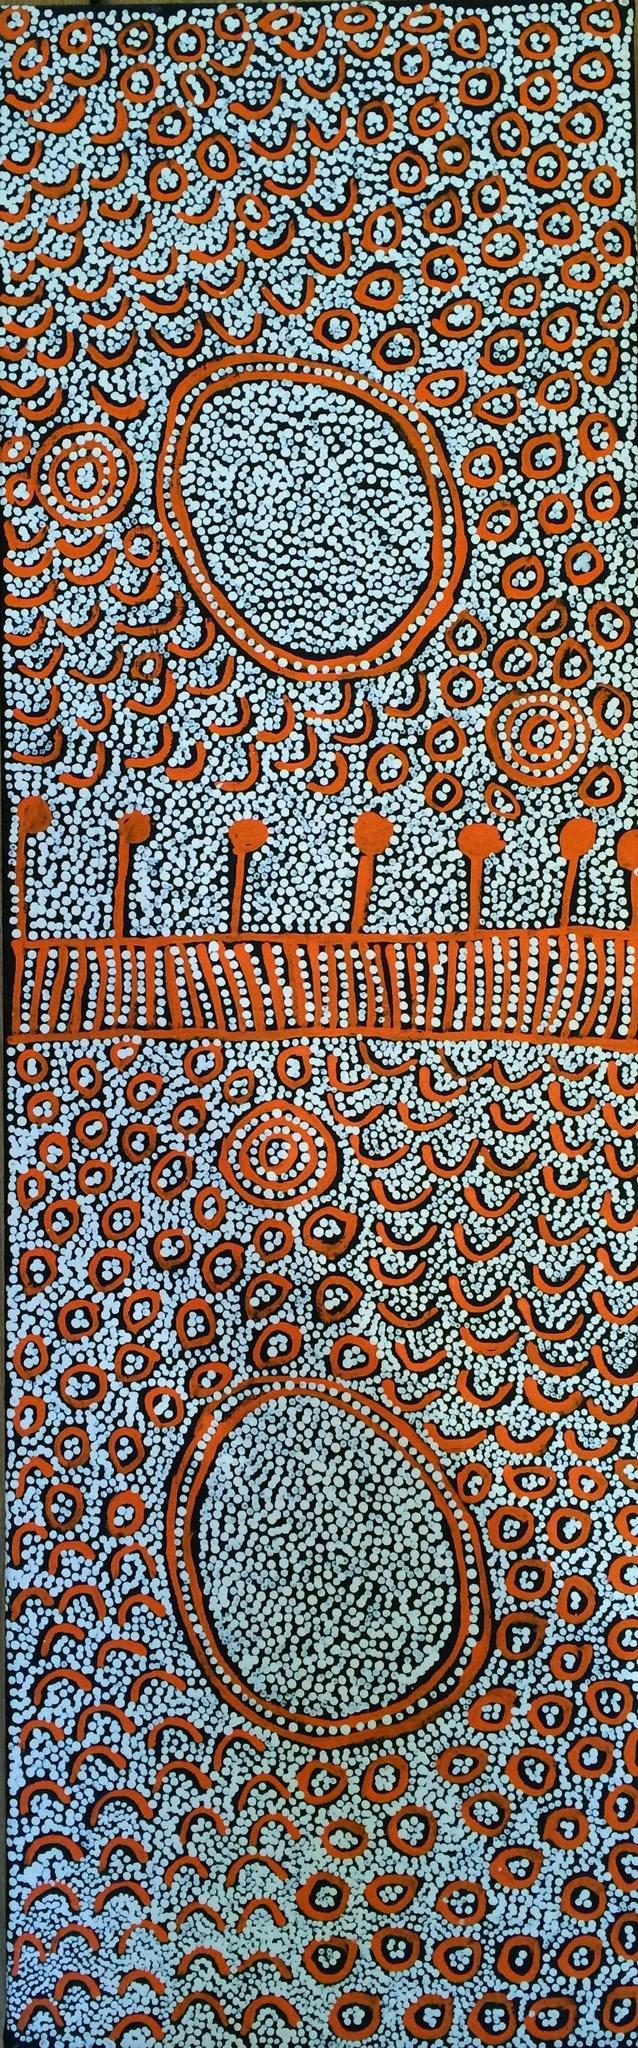 Yinarupa Nangala, Untitled, 2013